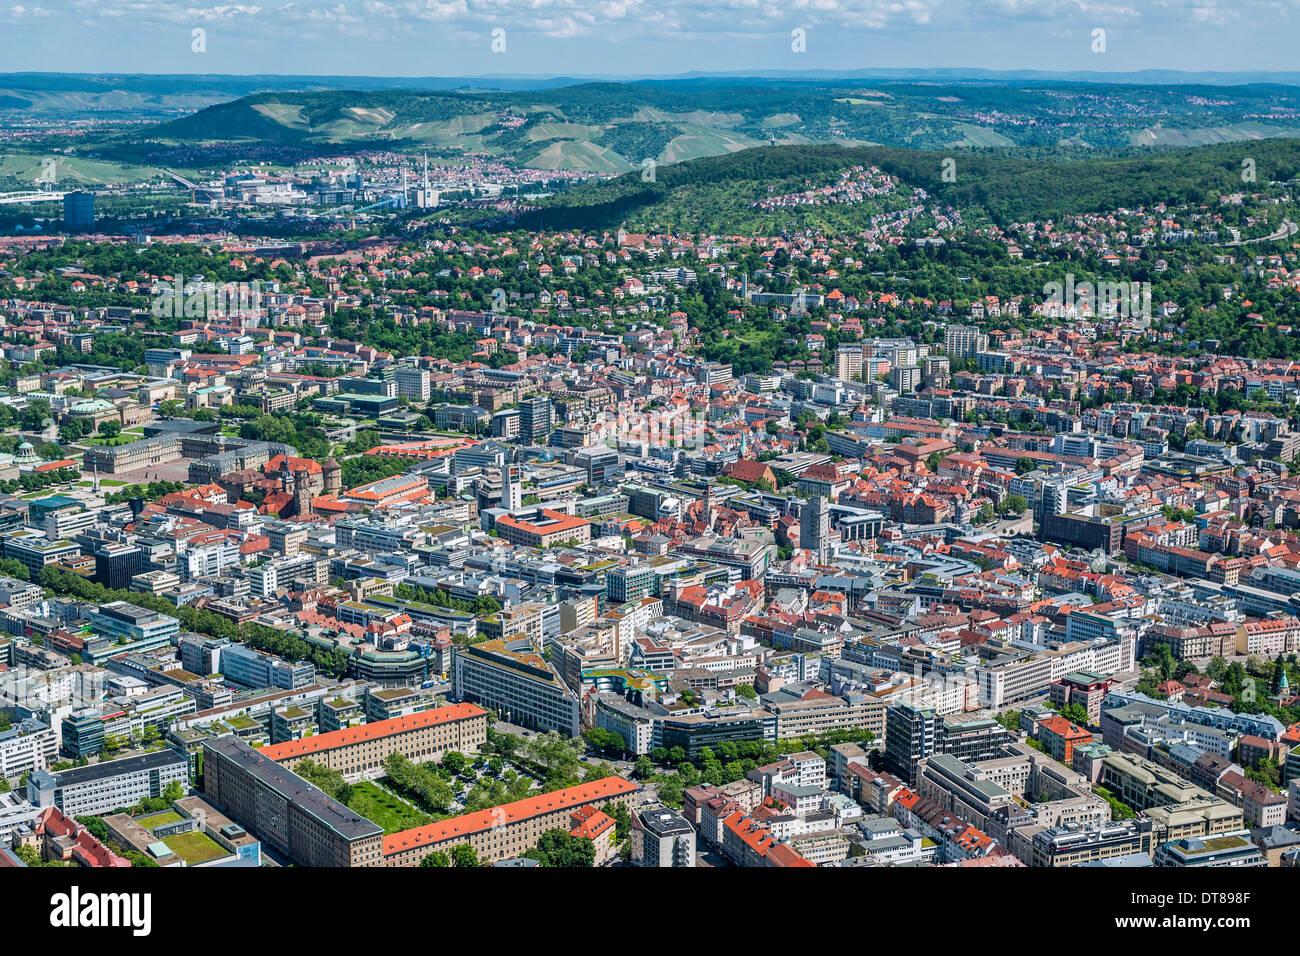 Alemania, Baden-Württemberg, vista aérea de Stuttgart, la metrópoli de Suabia Imagen De Stock